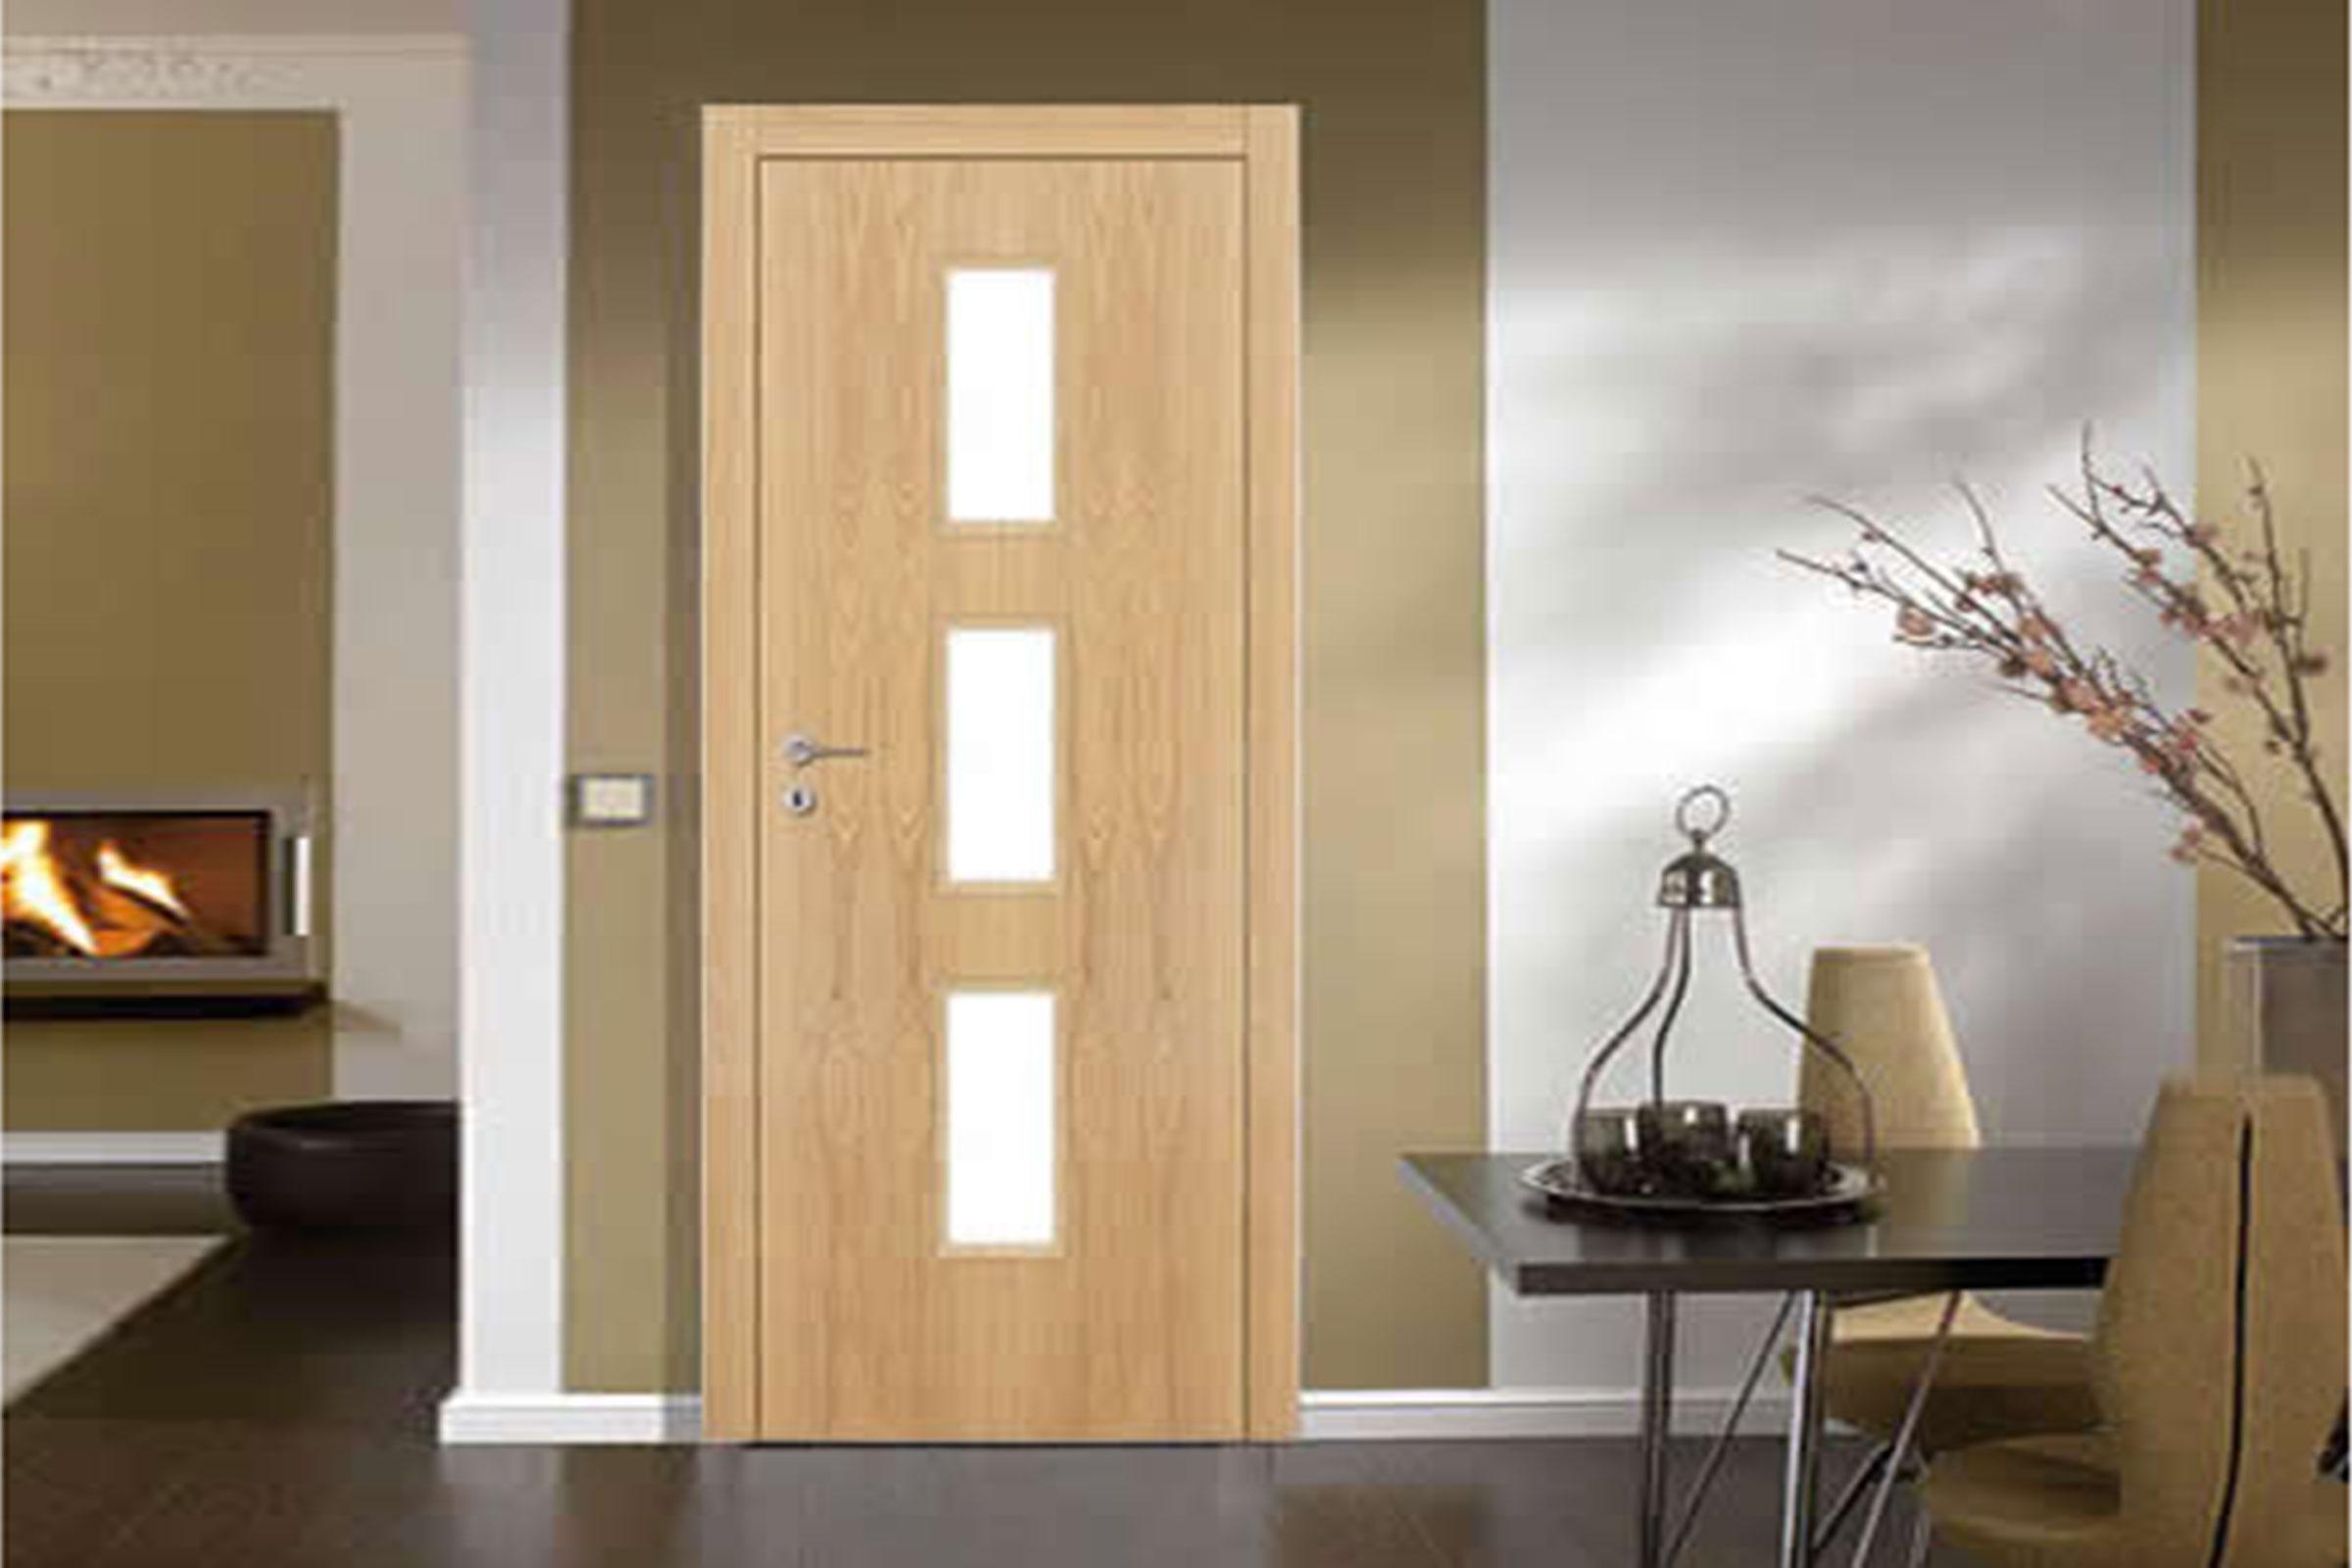 báo giá cửa gỗ tần bì